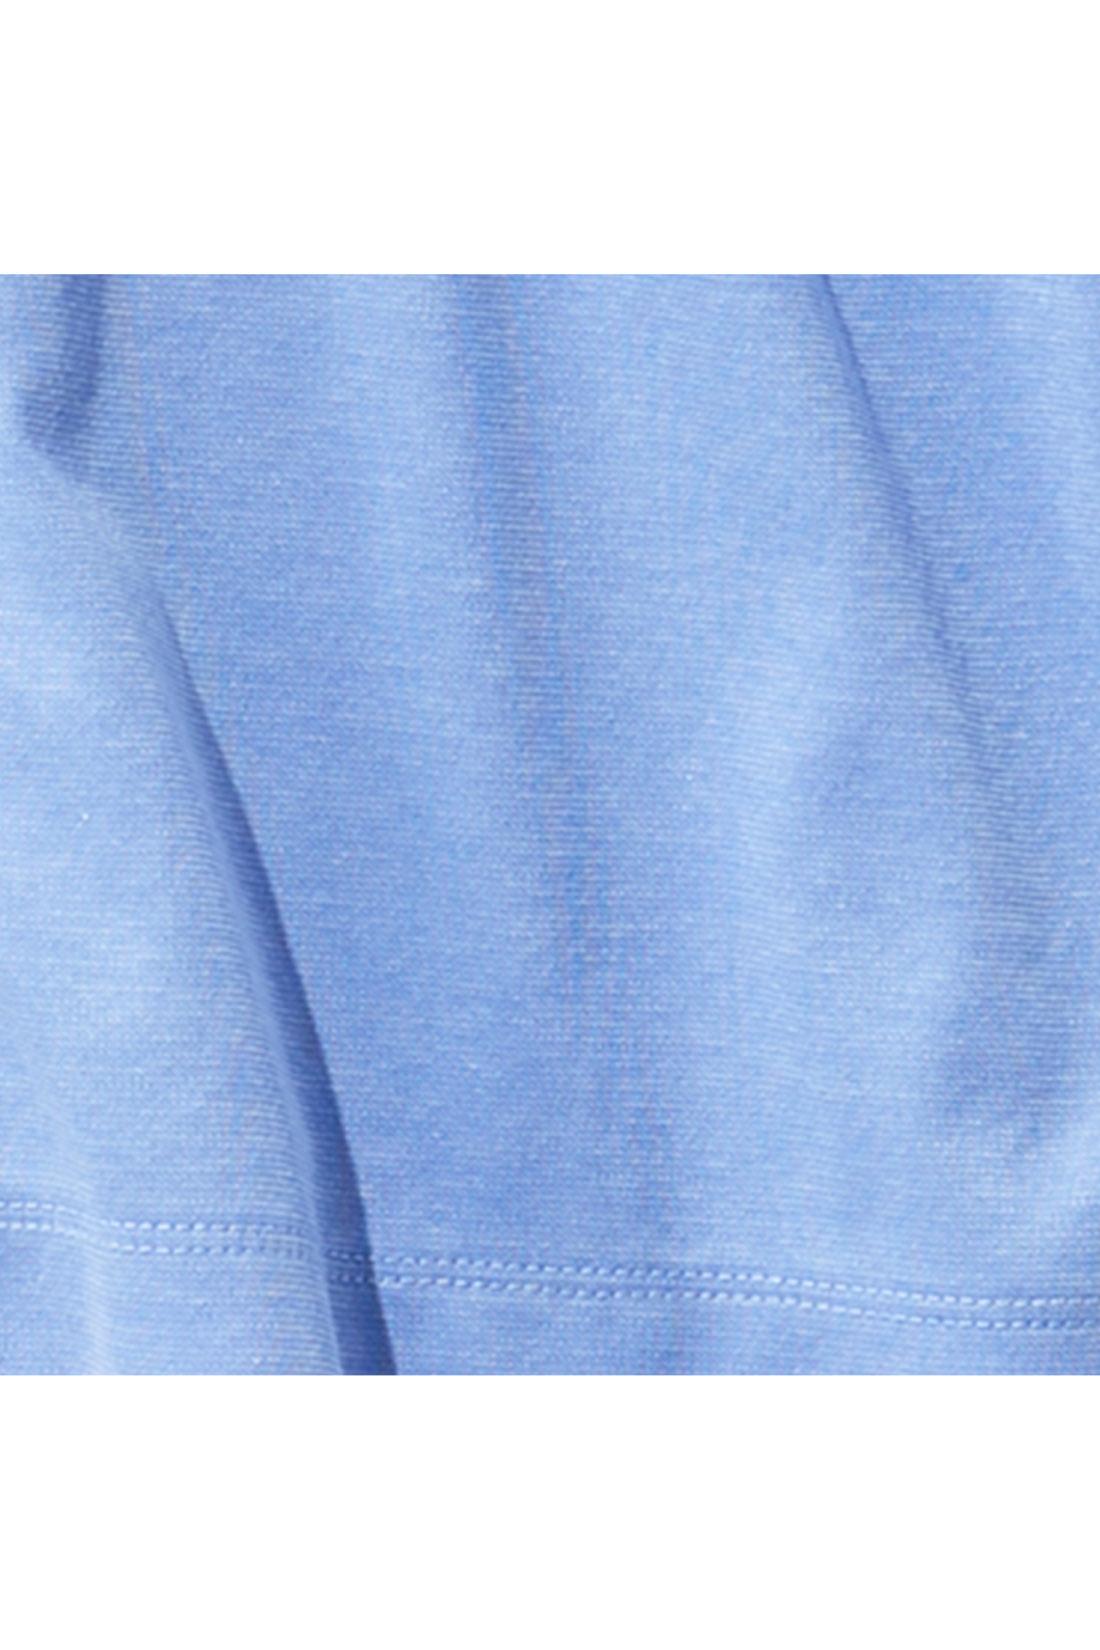 上品な艶感のある、綿混カットソー素材。洗濯OKでしわになりにくく、お手入れも簡単。